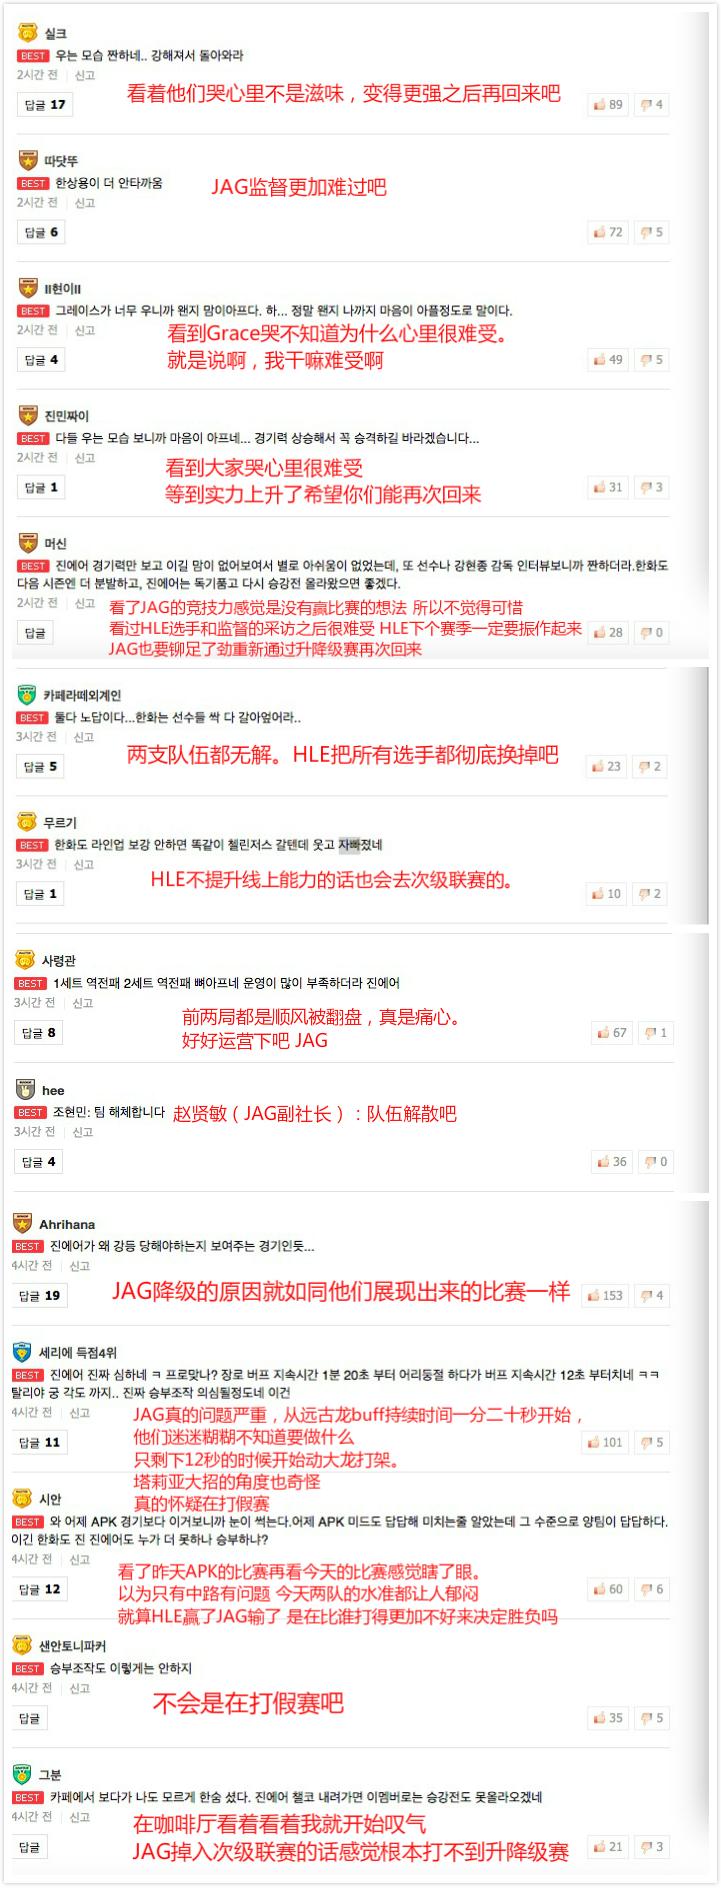 韩国网友评JAG降级:有人惋惜有人质疑